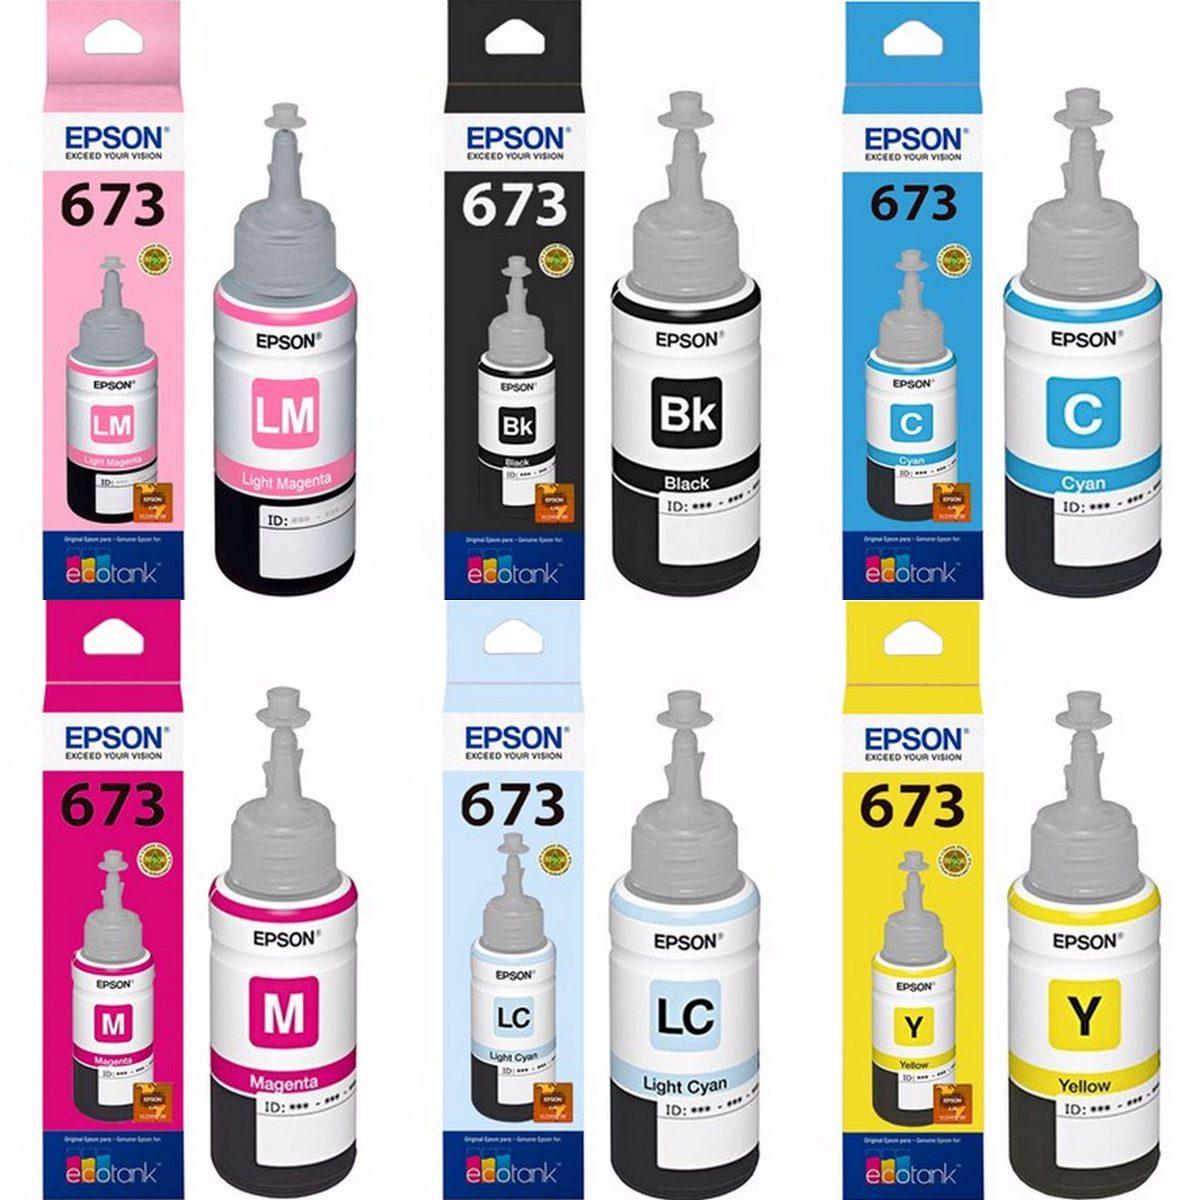 Epson 673 For L800/L850/L1800 Multicolors Ink Pack of 6 Ink bottle Black + Tri Color Combo Pack Ink Bottle